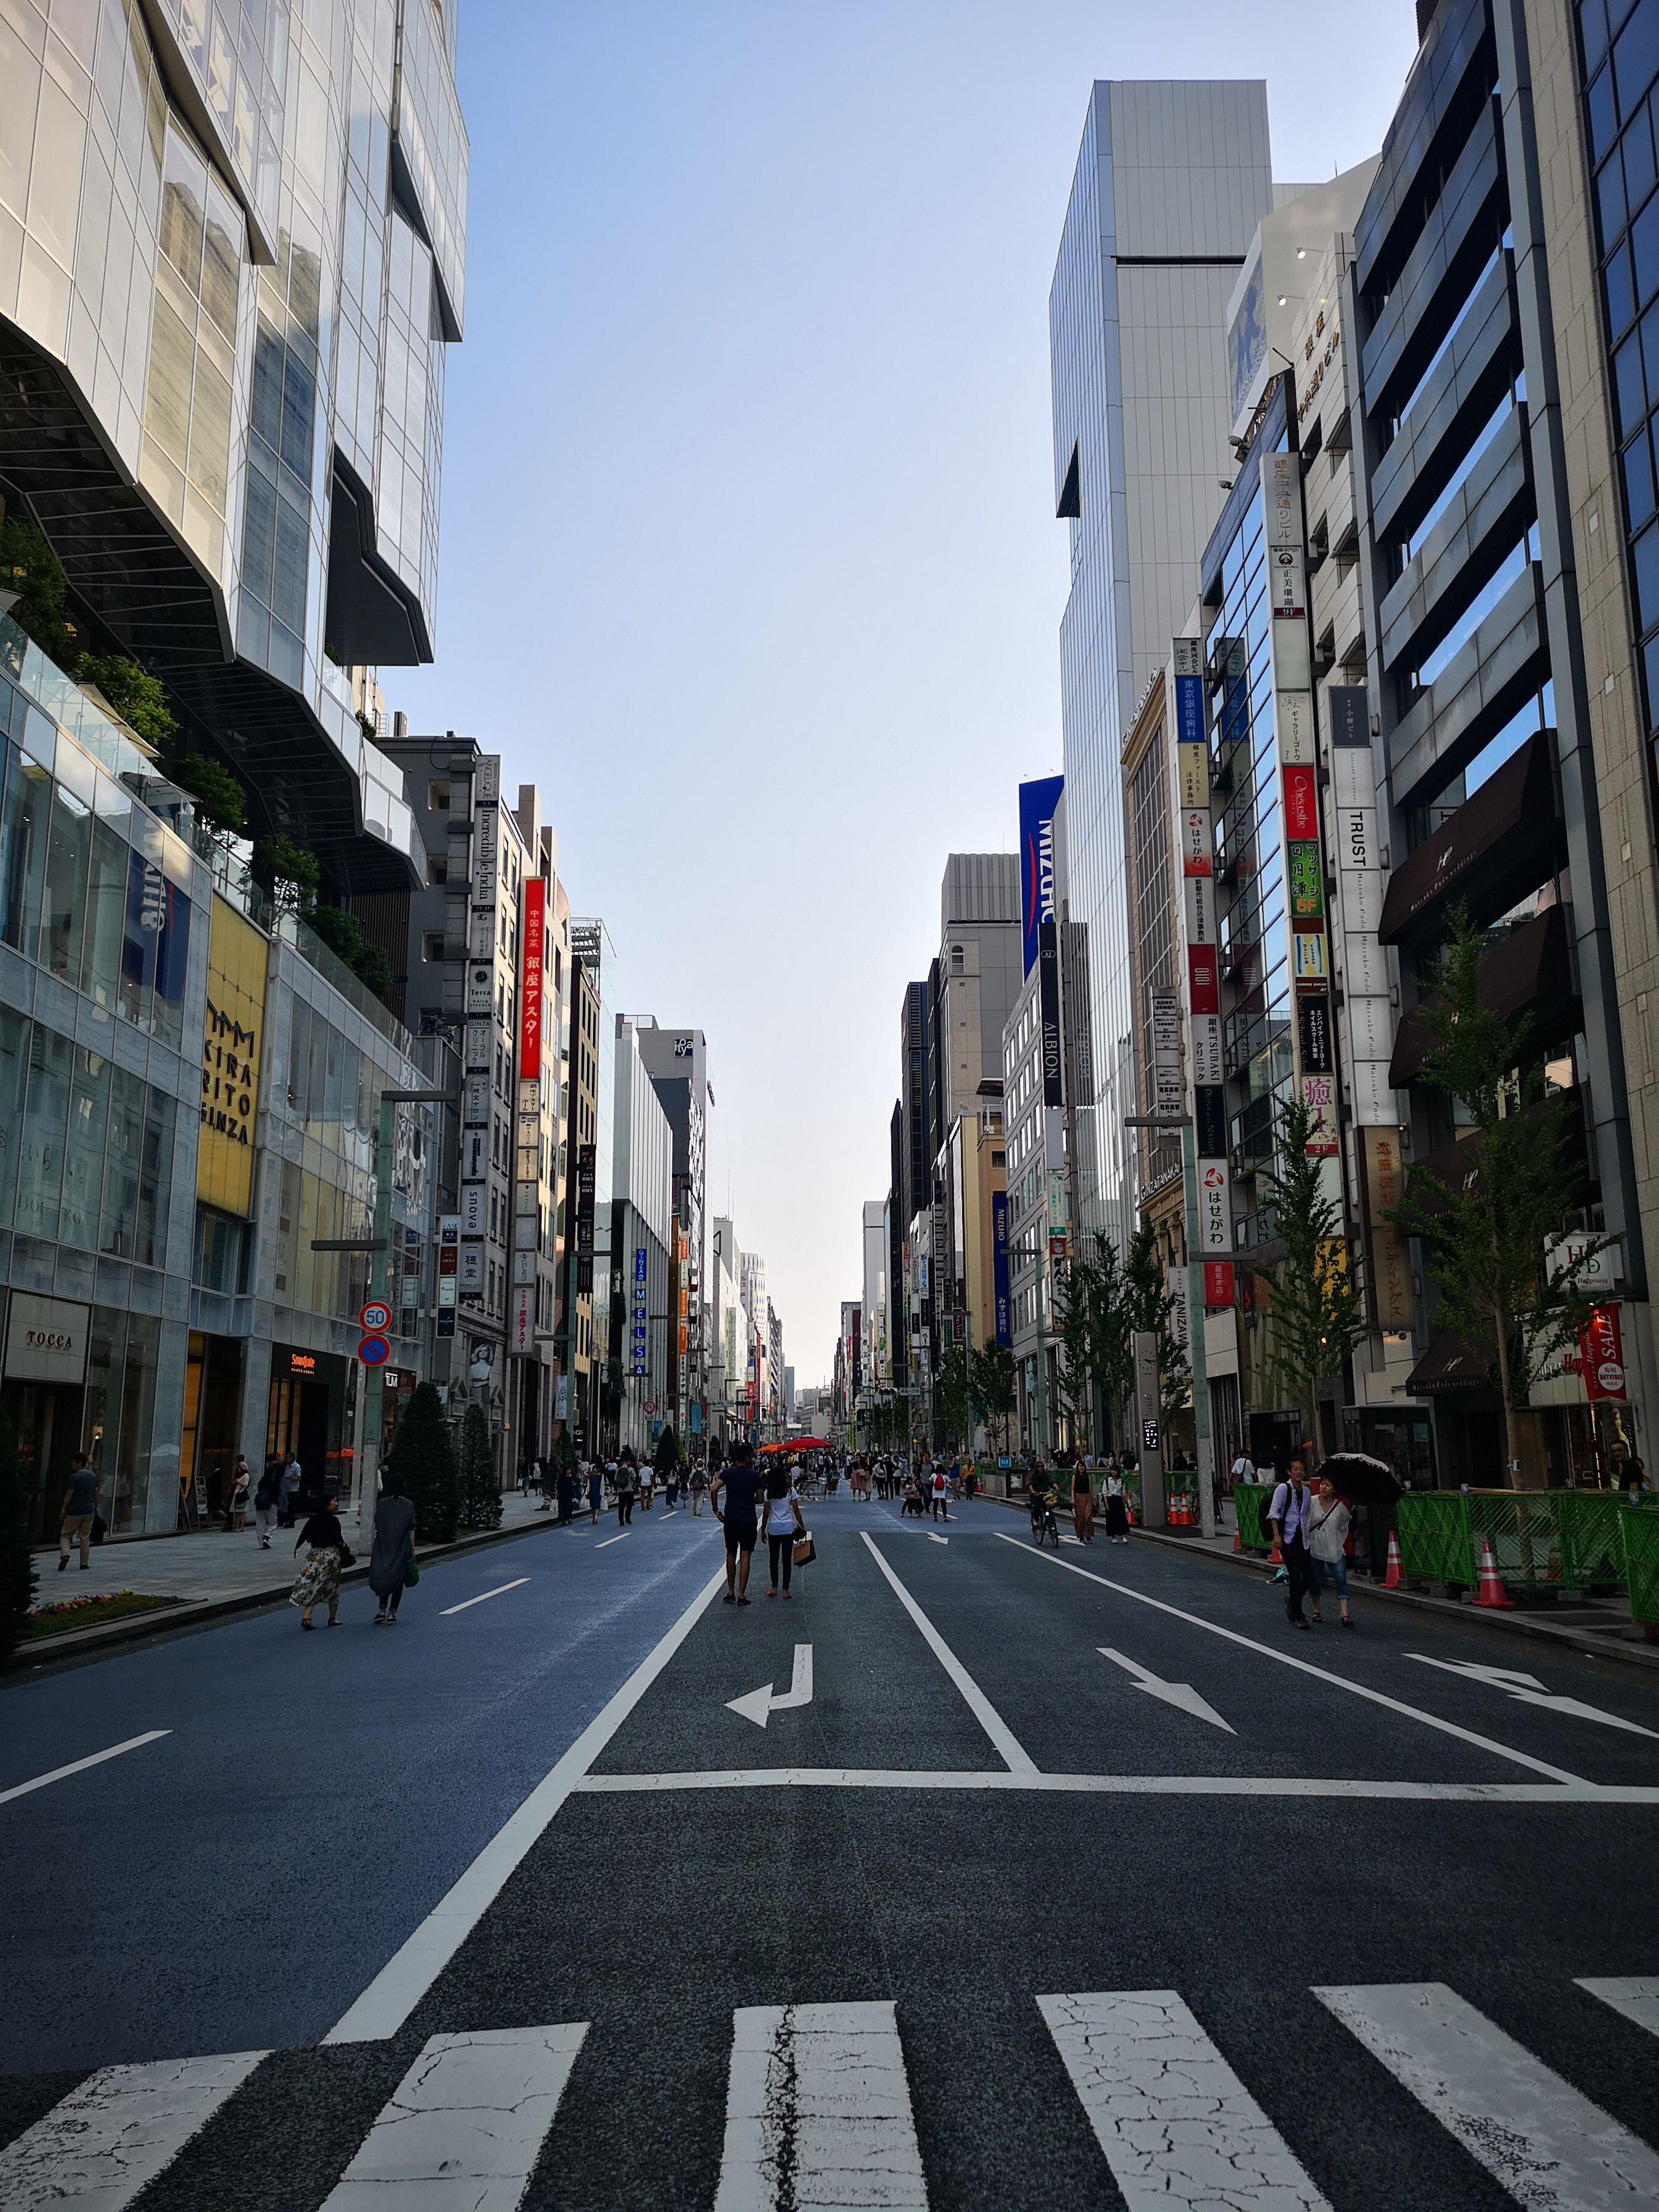 買い物体験 〜パリから日本へ来たインターン生が感じた、日本と海外の接客の違い〜